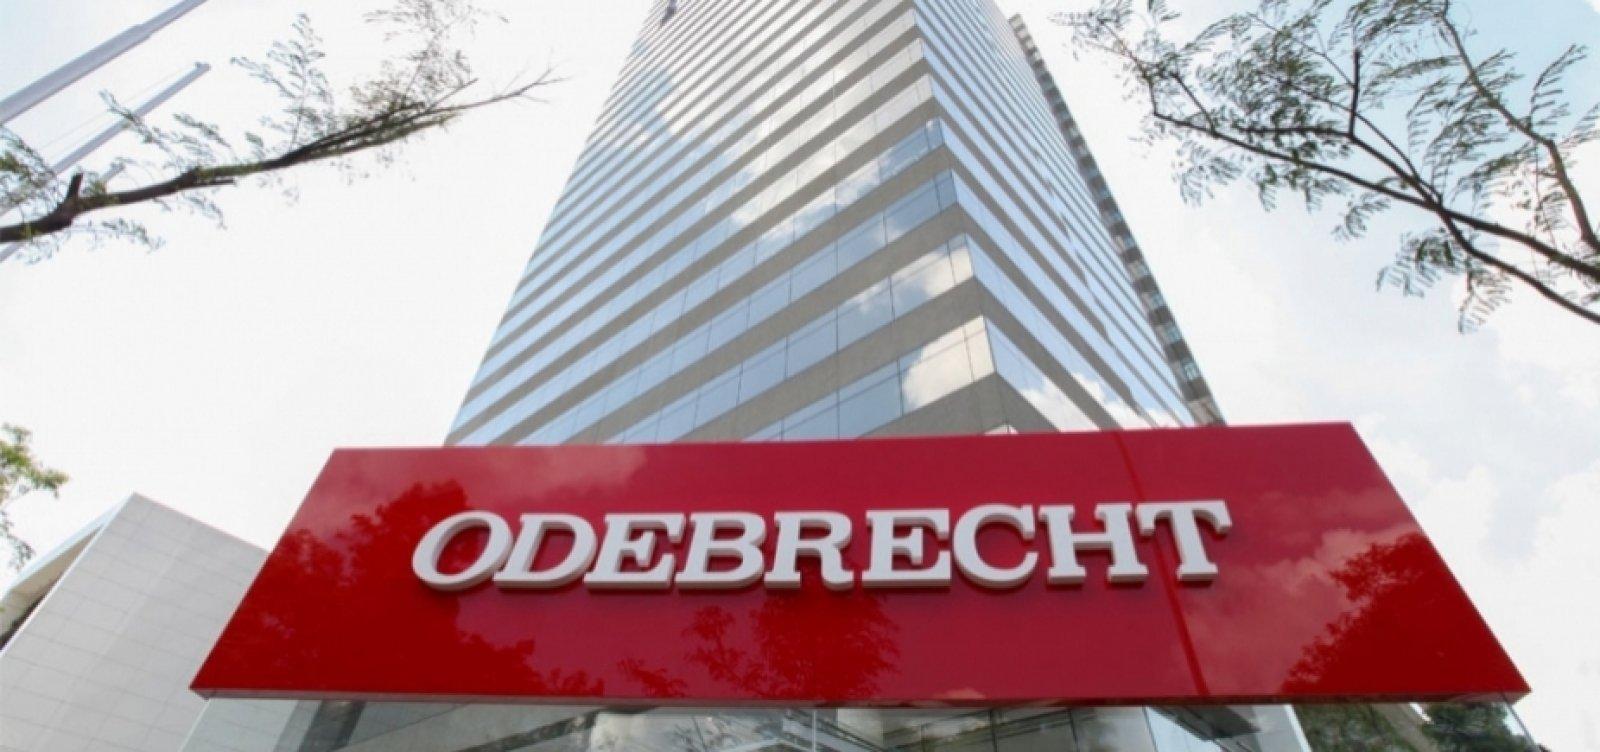 [Caixa pede falência da Odebrecht, segundo Reuters]